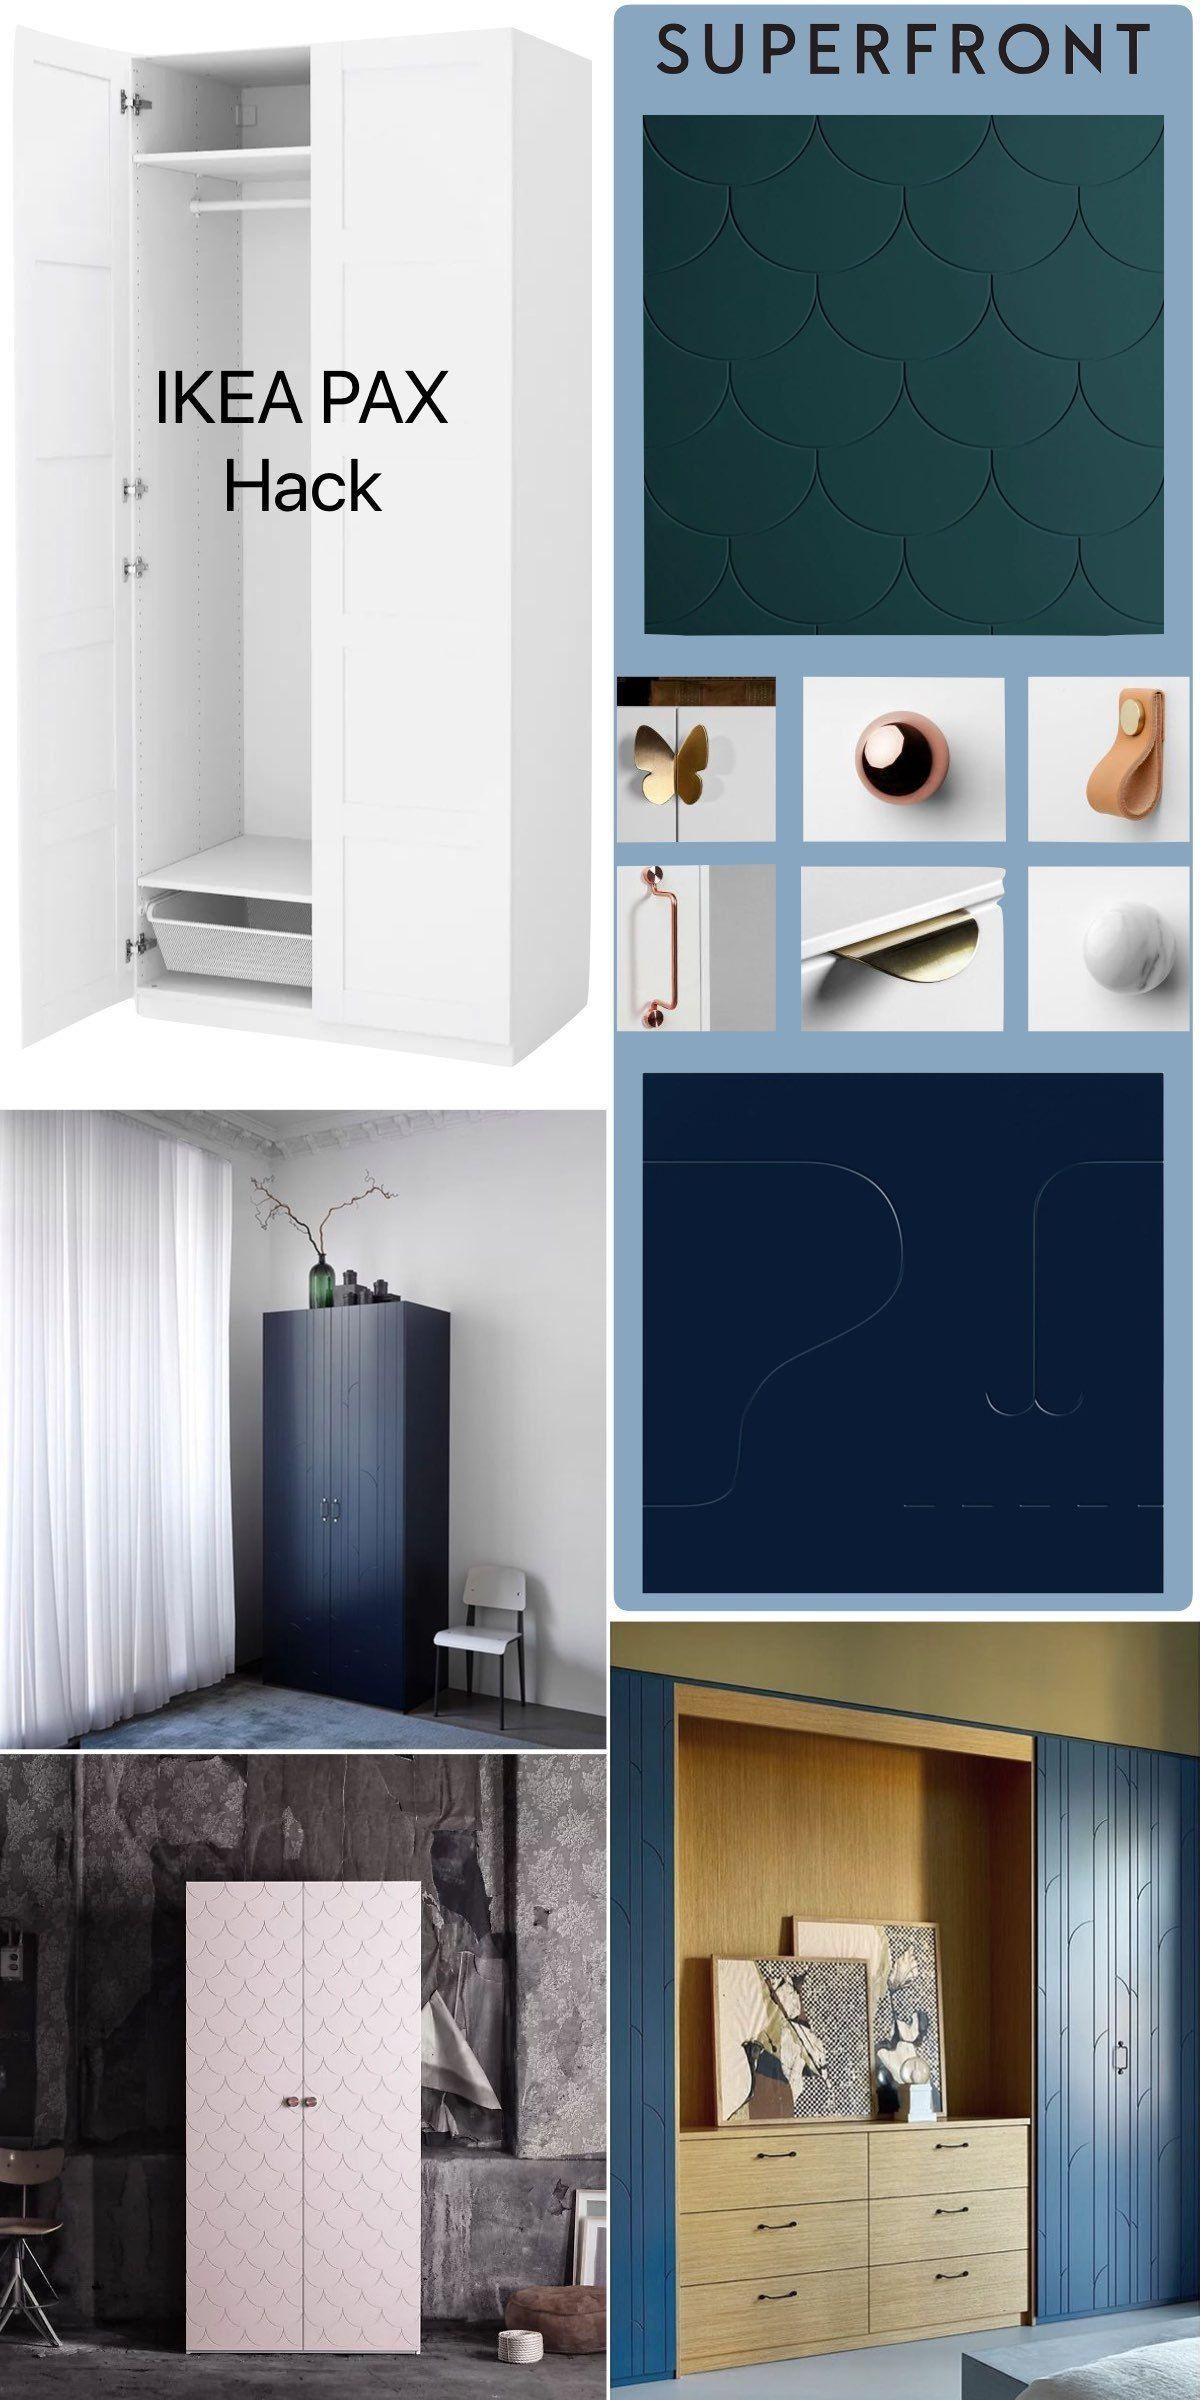 Superfront Avis Pour Transformer Cuisine Ikea Deco Maison Interieur Ikea Porte Cuisine Ikea